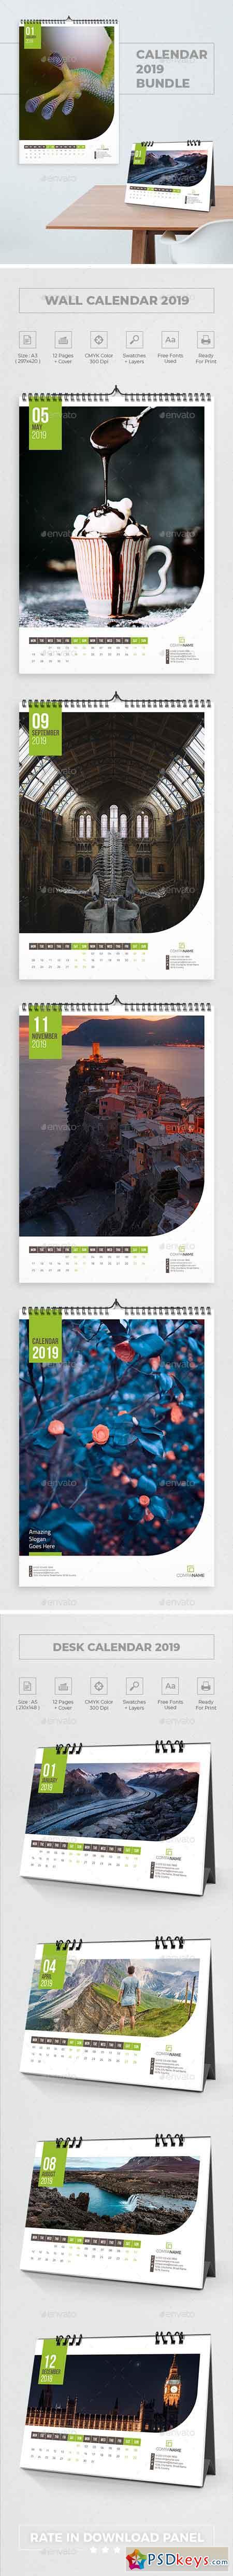 Calendar 2019 Bundle 2 22711447